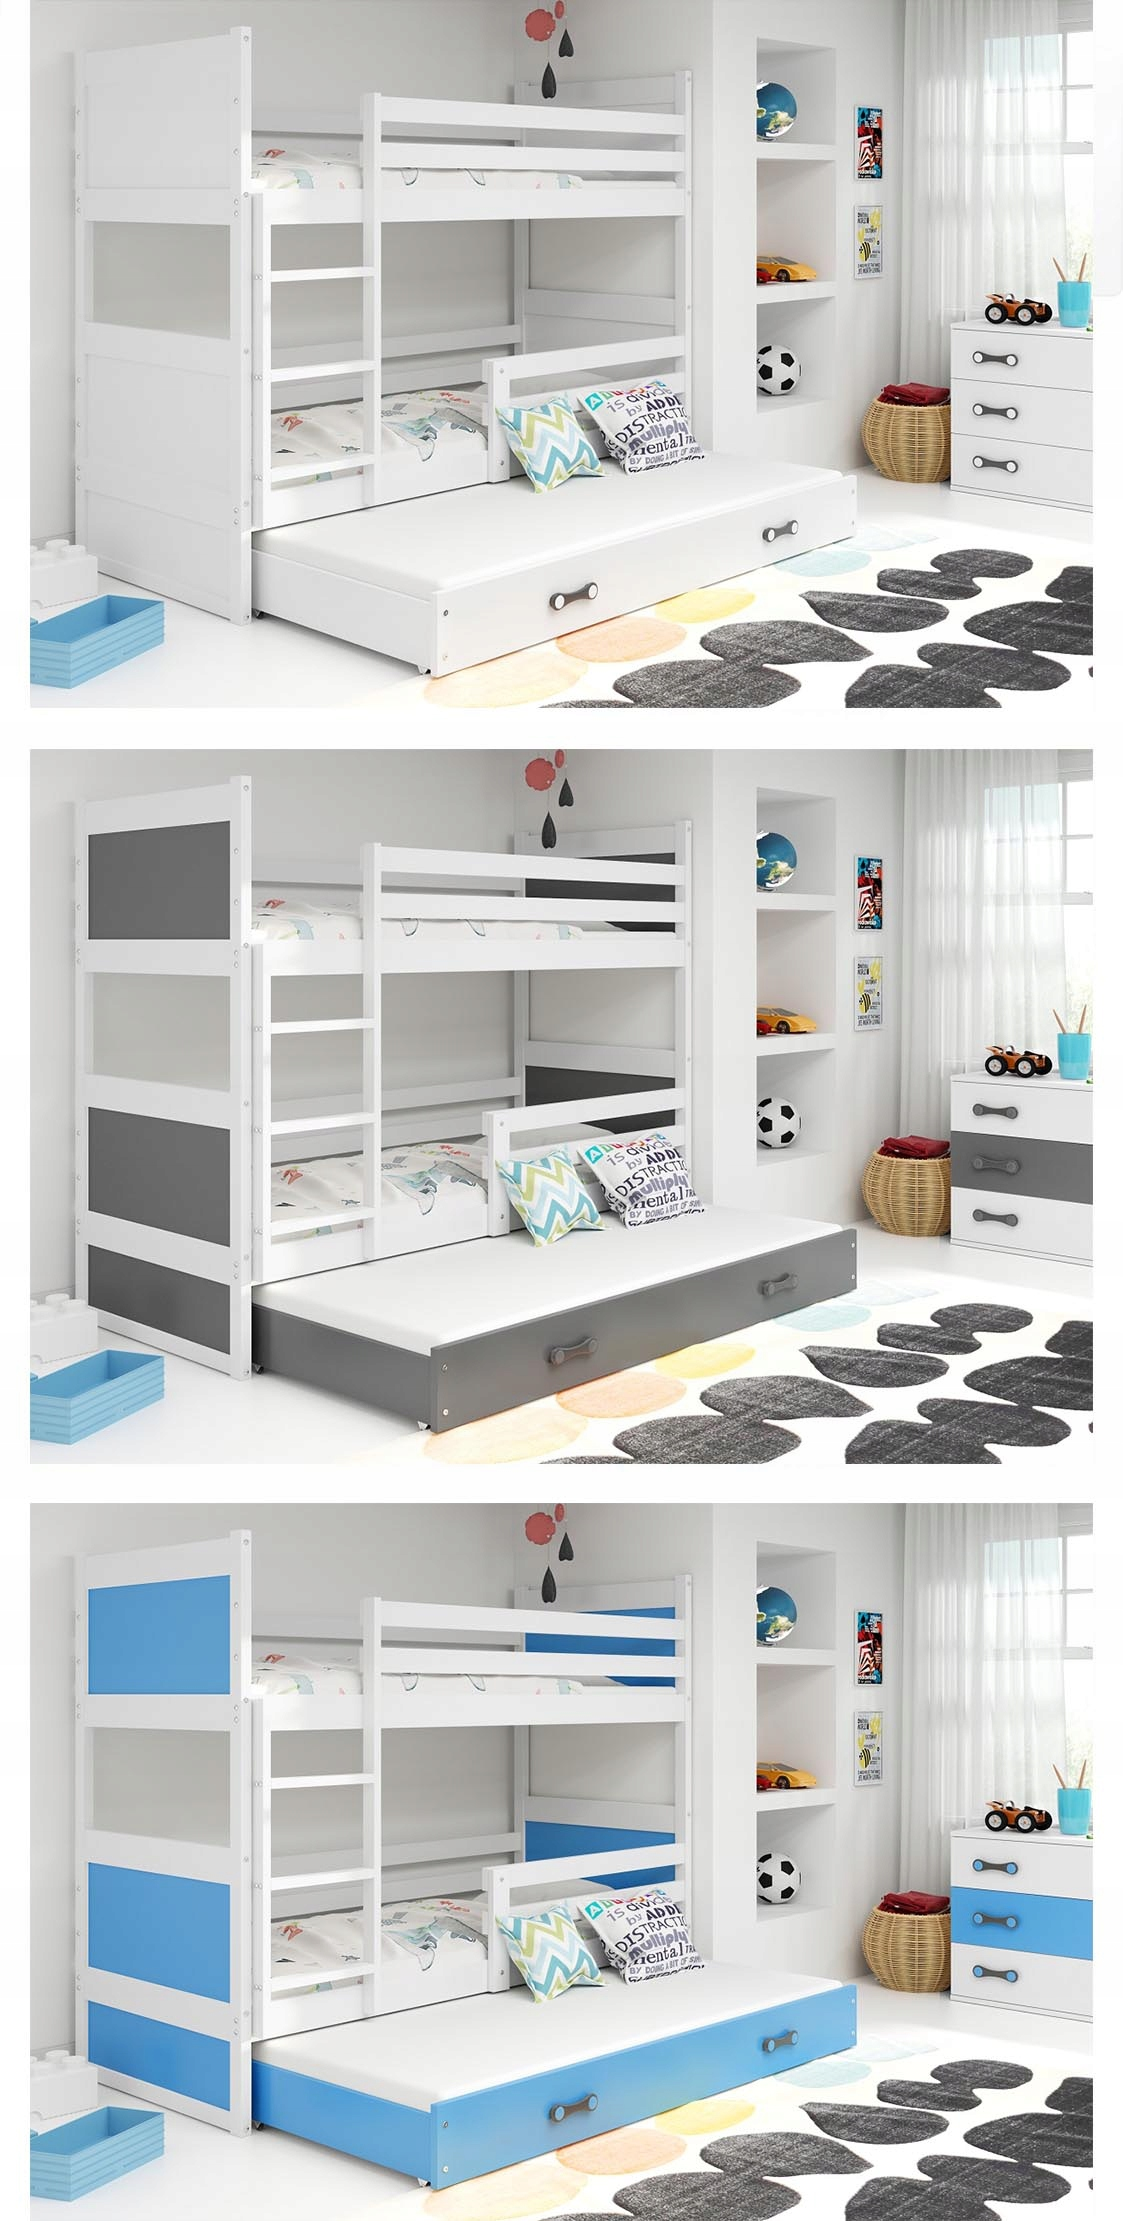 Łóżko Rico dla dzieci 190x80 piętrowe 3 osobowe Długość 196 cm